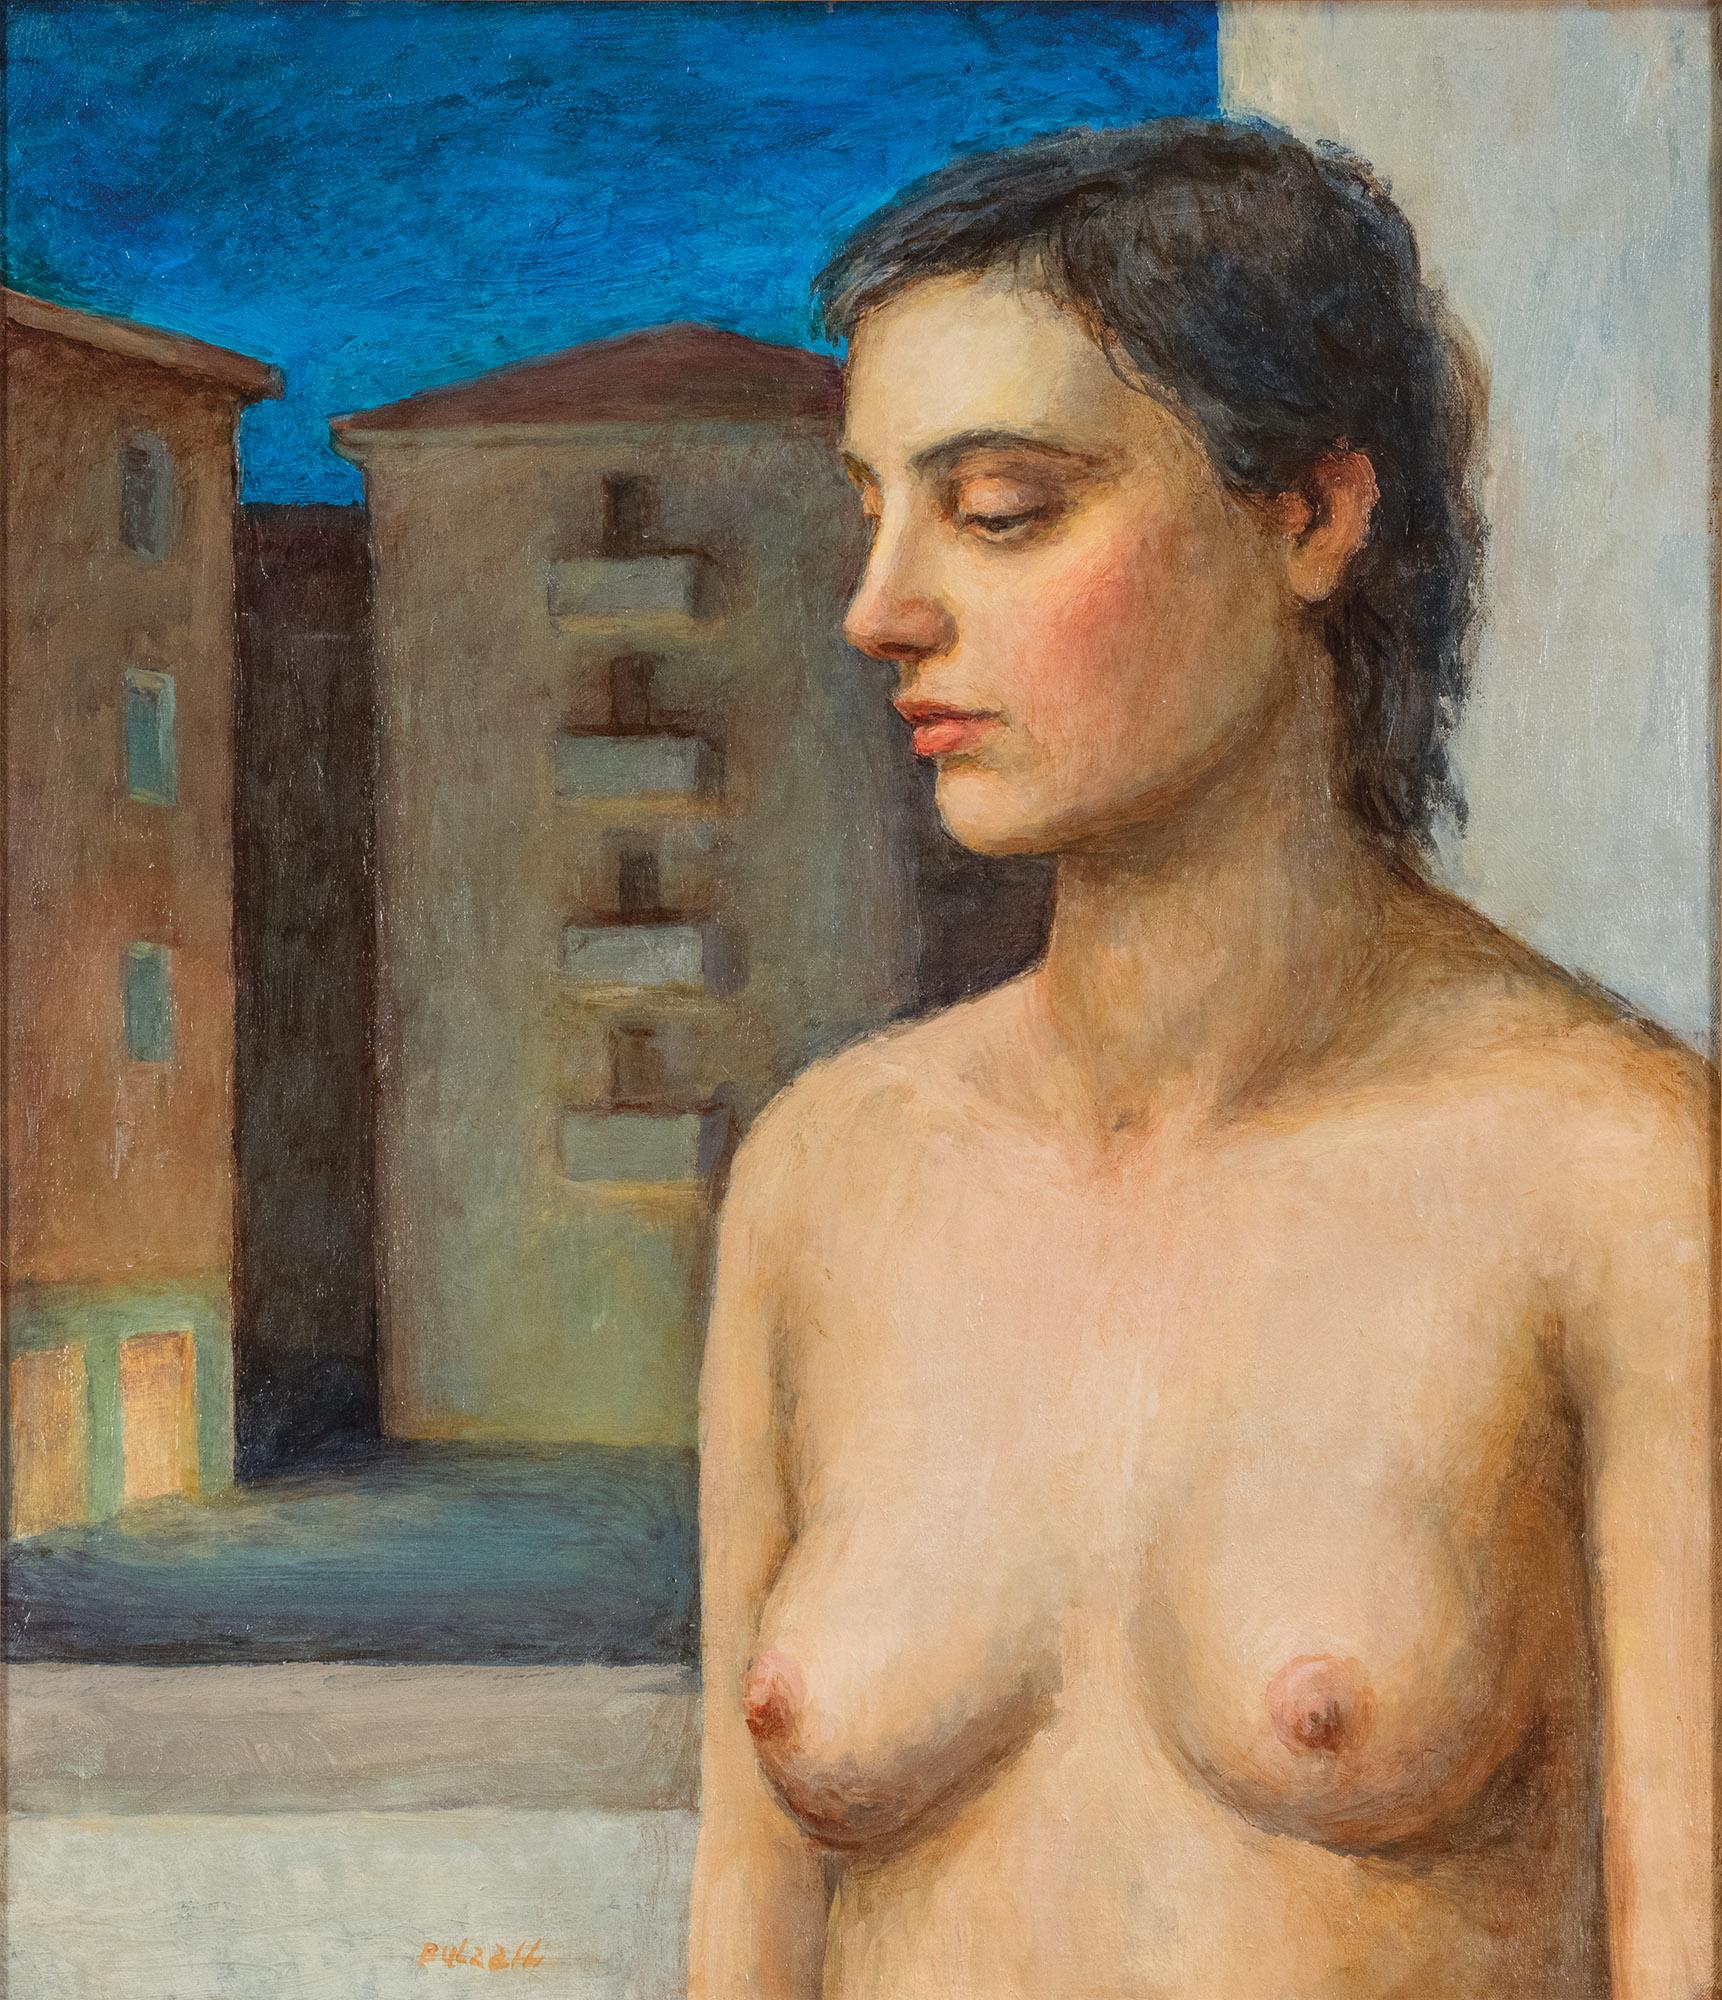 Alla finestra, 1992